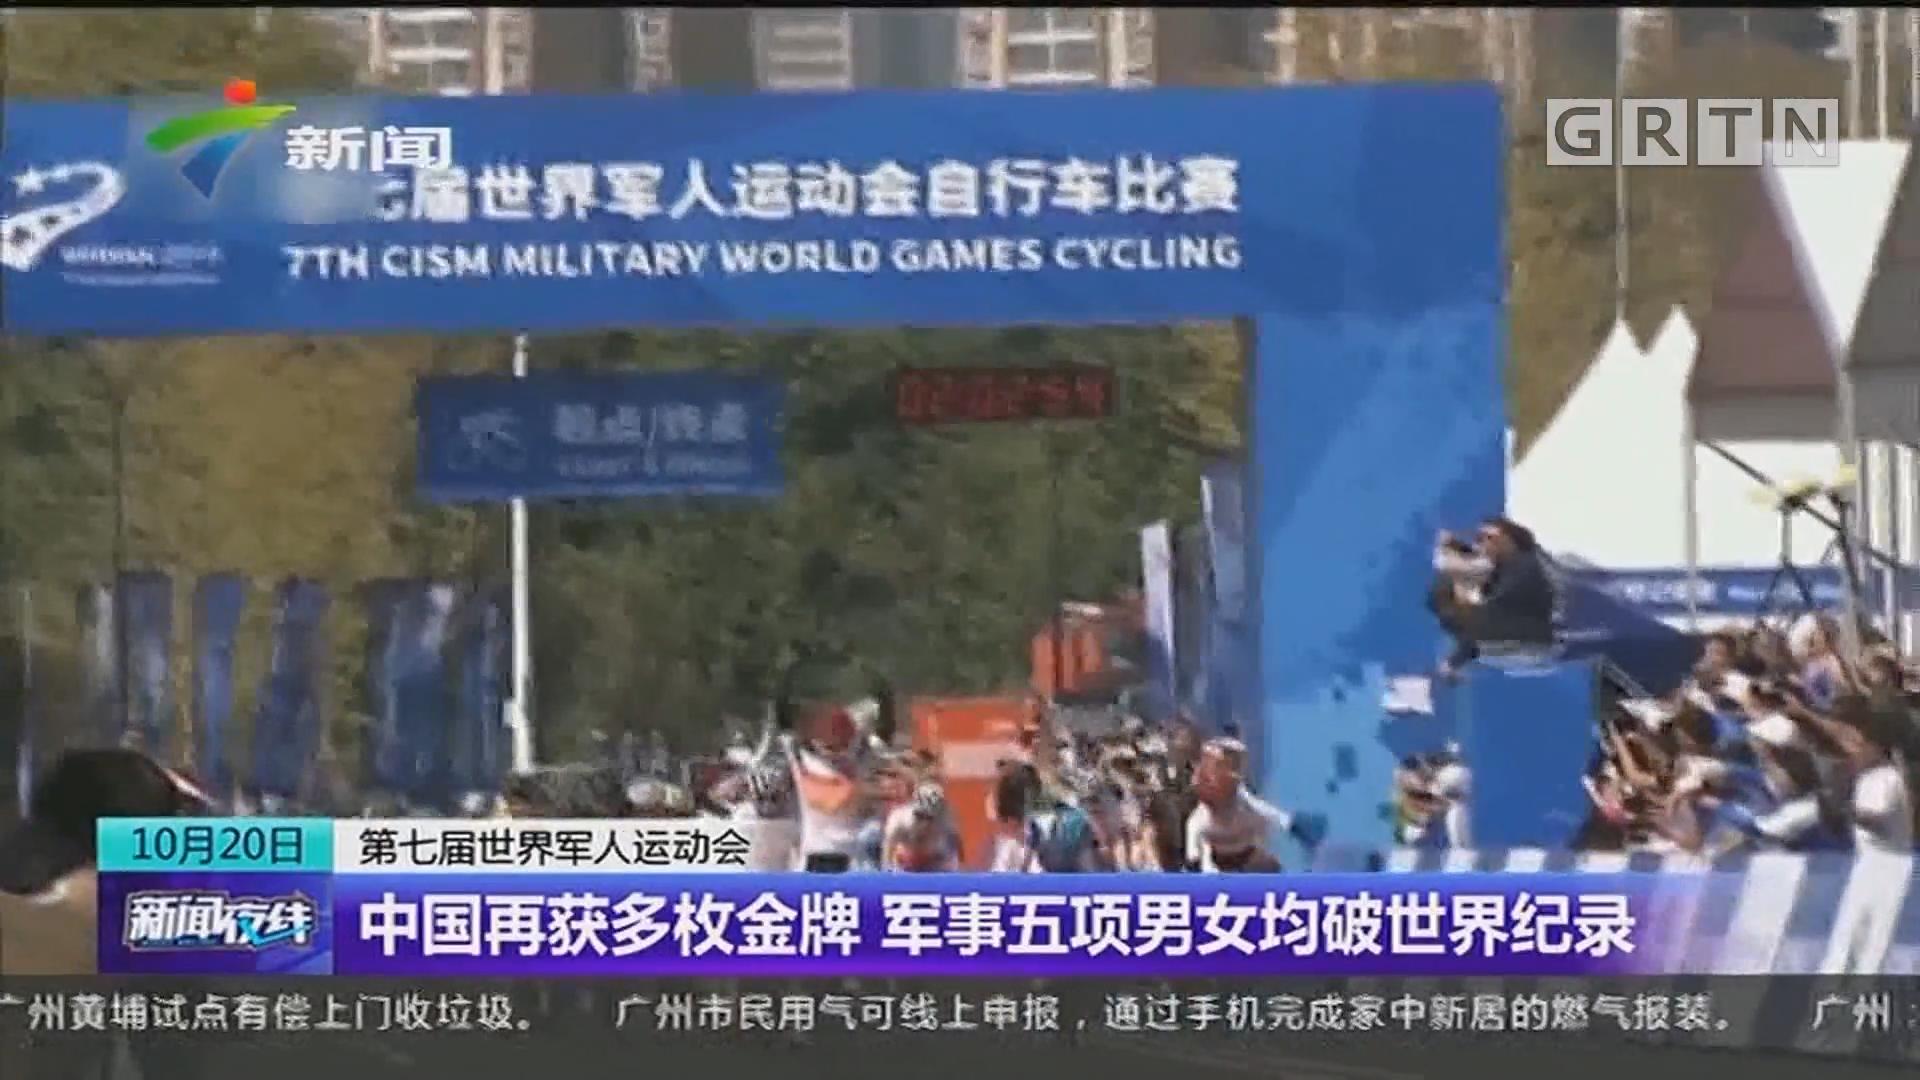 第七届世界军人运动会 中国再获多枚金牌 军事五项男女均破世界纪录